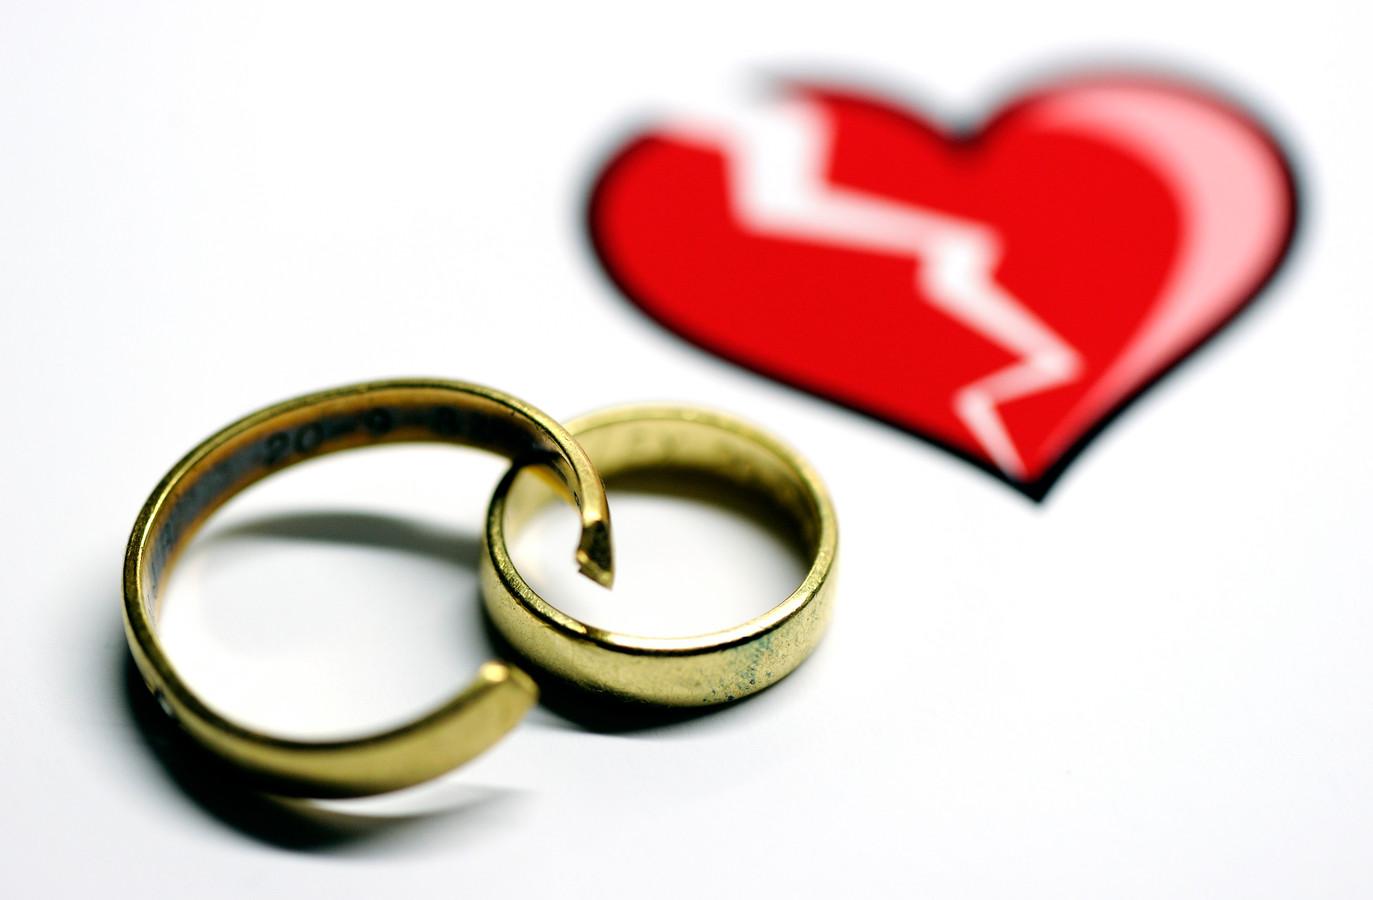 In ruim 8 procent van de gevallen kan de trouwring worden omgesmolten.